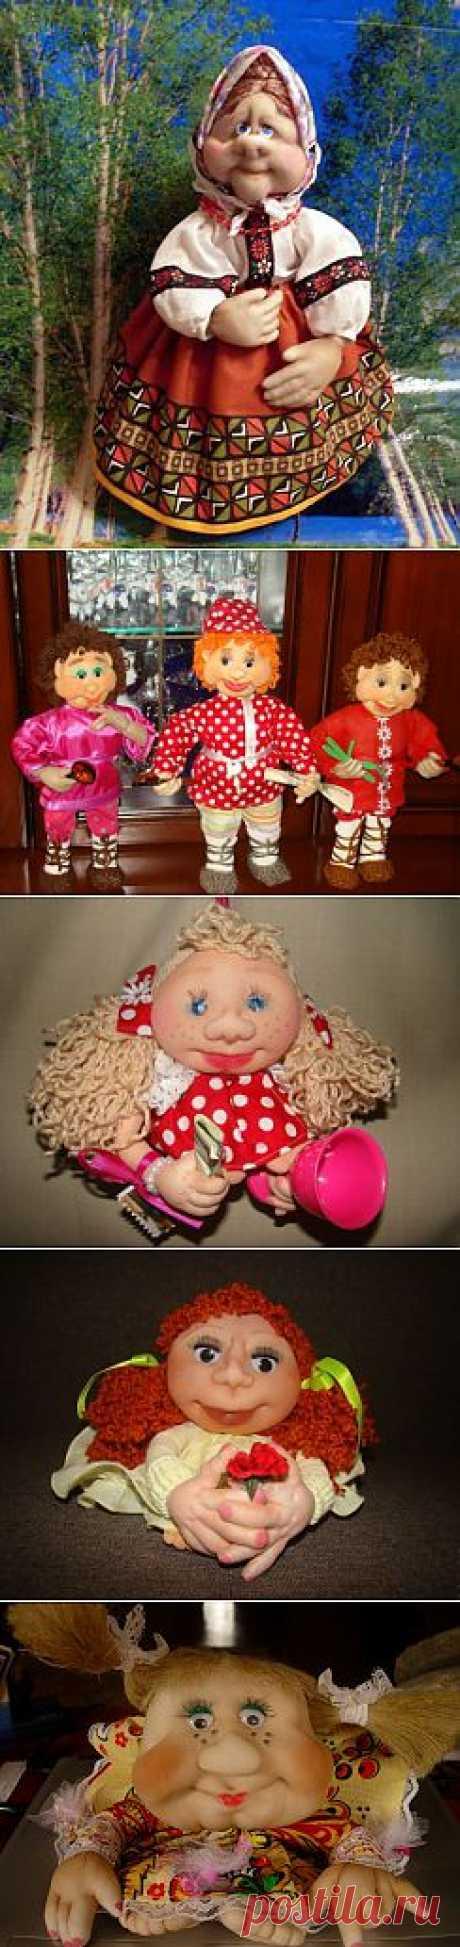 Куклы из колготок (мастер класс)